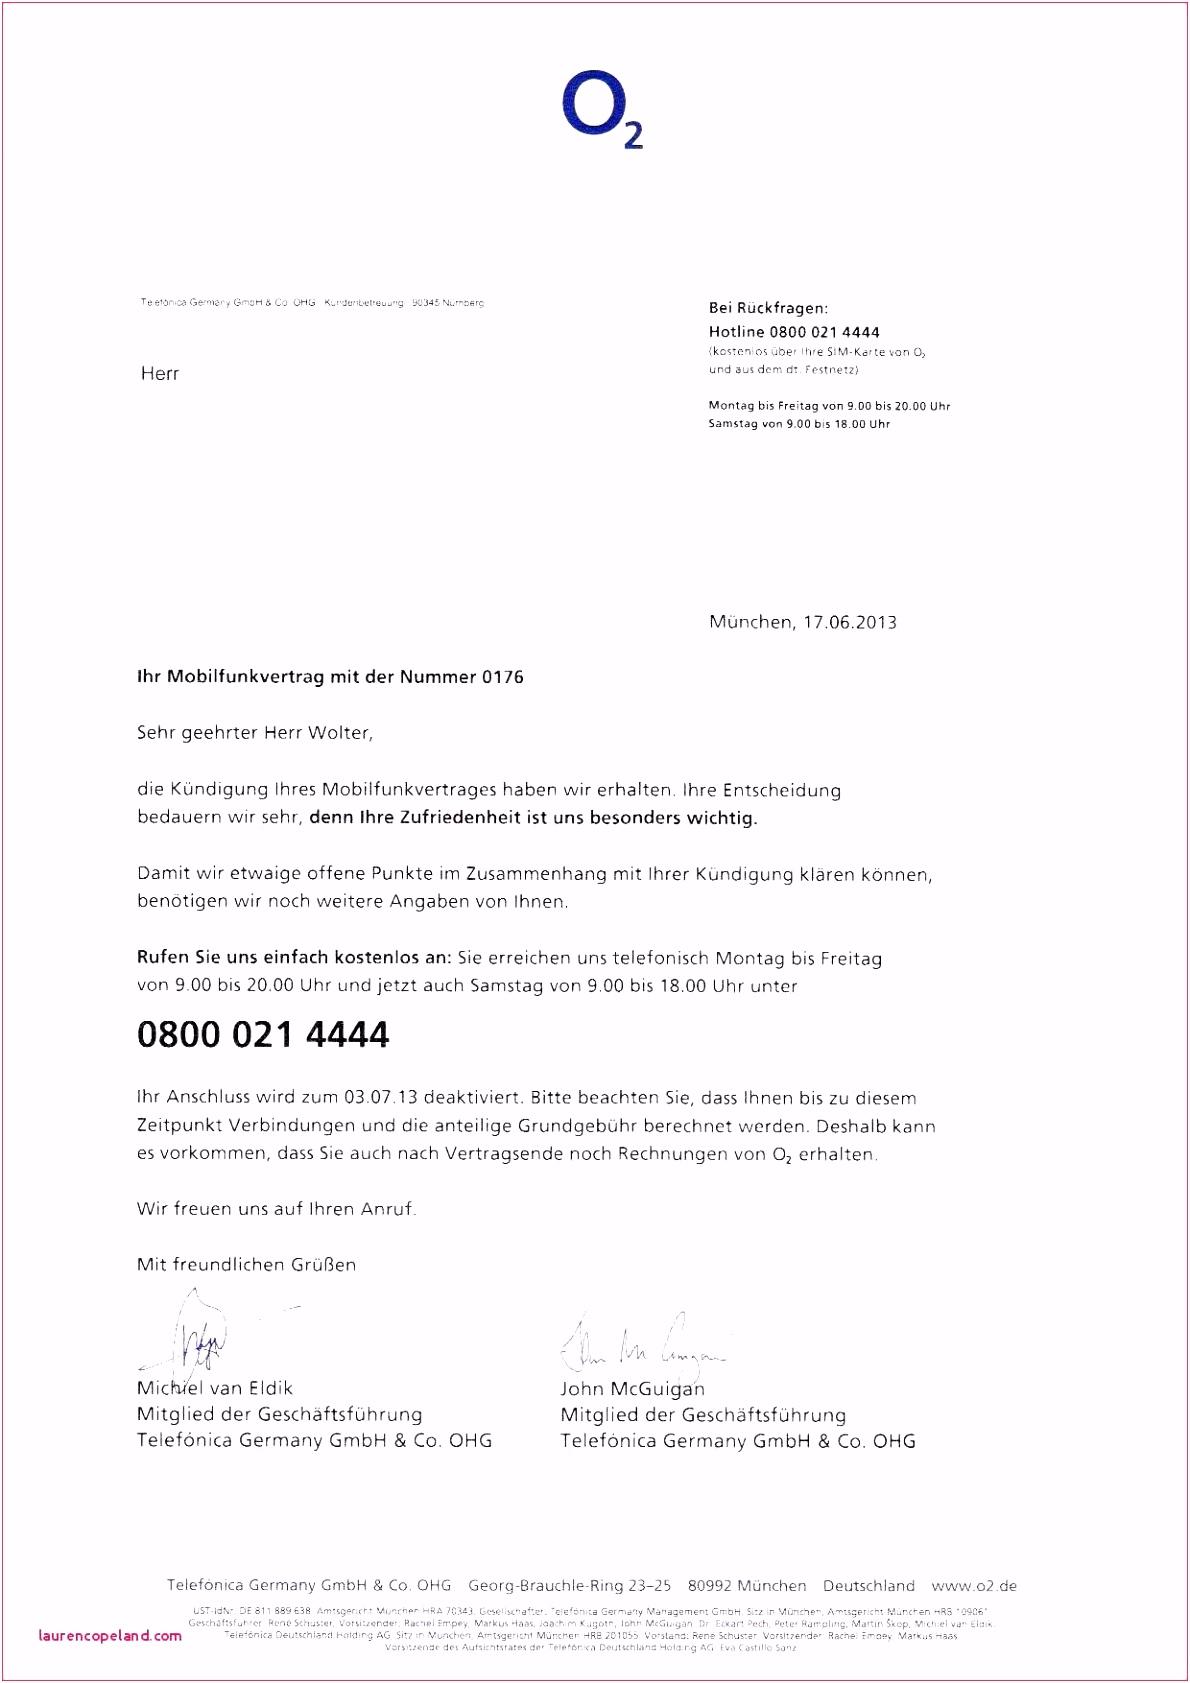 Axa Versicherung Kundigen Vorlage Kundigung Versicherung Berlin